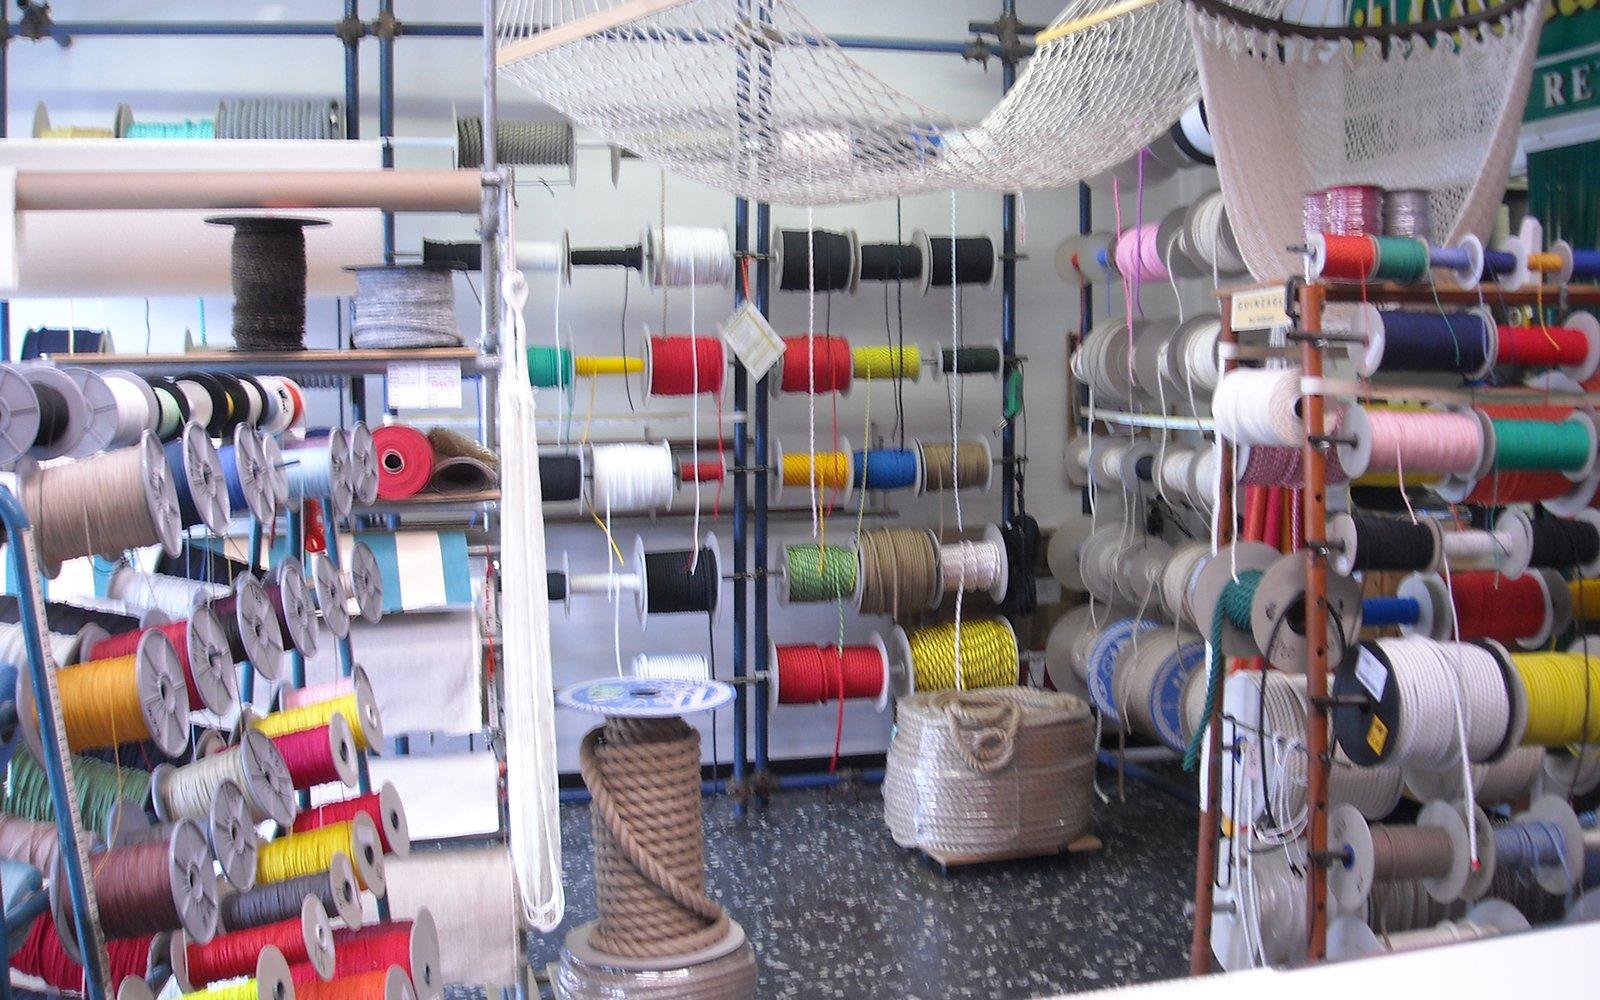 negozio con cotoni e corde